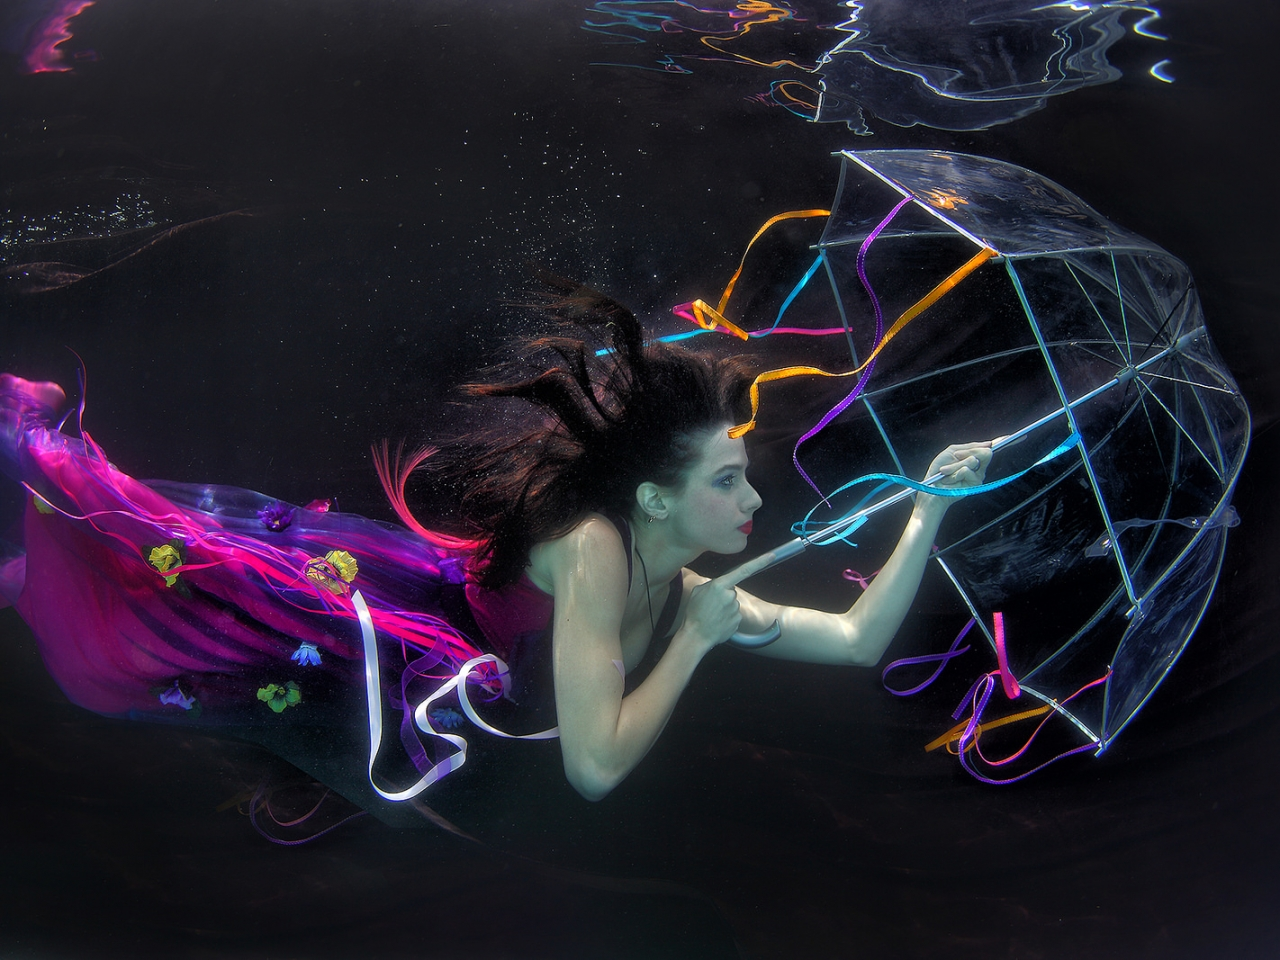 Una mujer bajo el agua - 1280x960